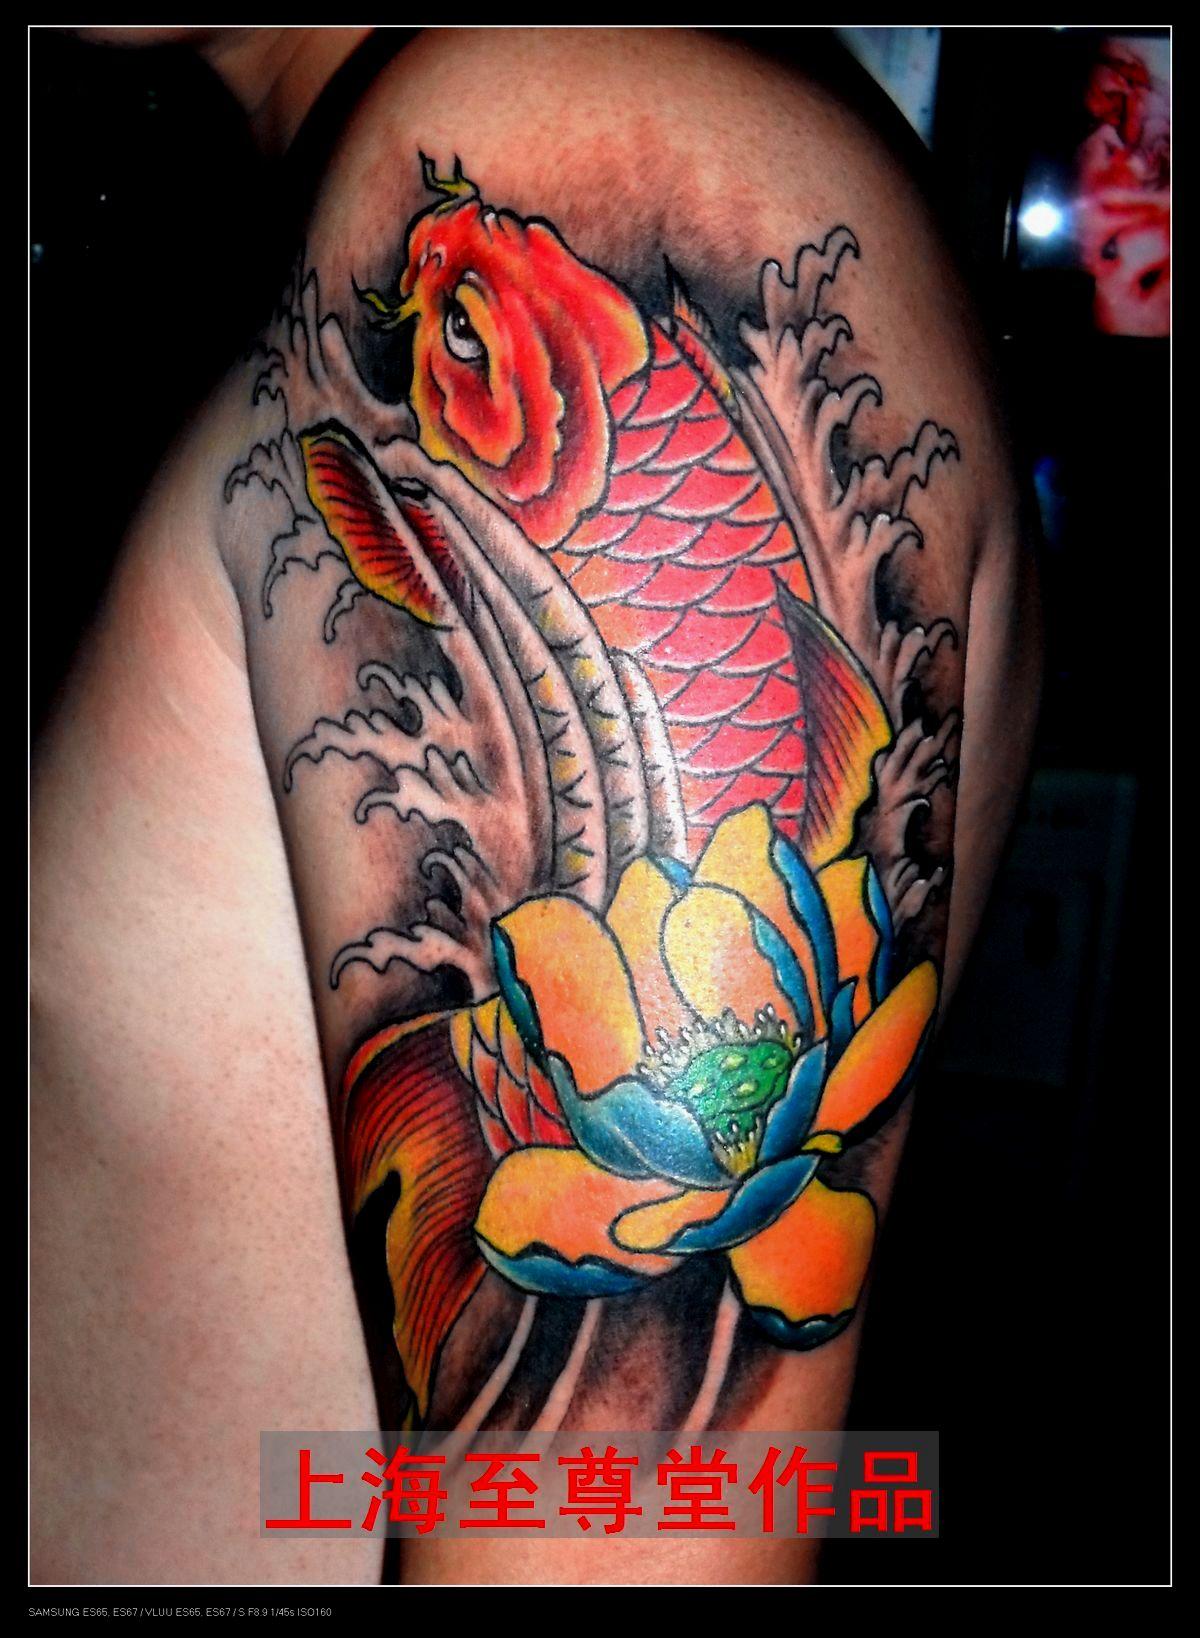 传统鲤鱼纹身传统半背鲤鱼纹身图案 纹身之家